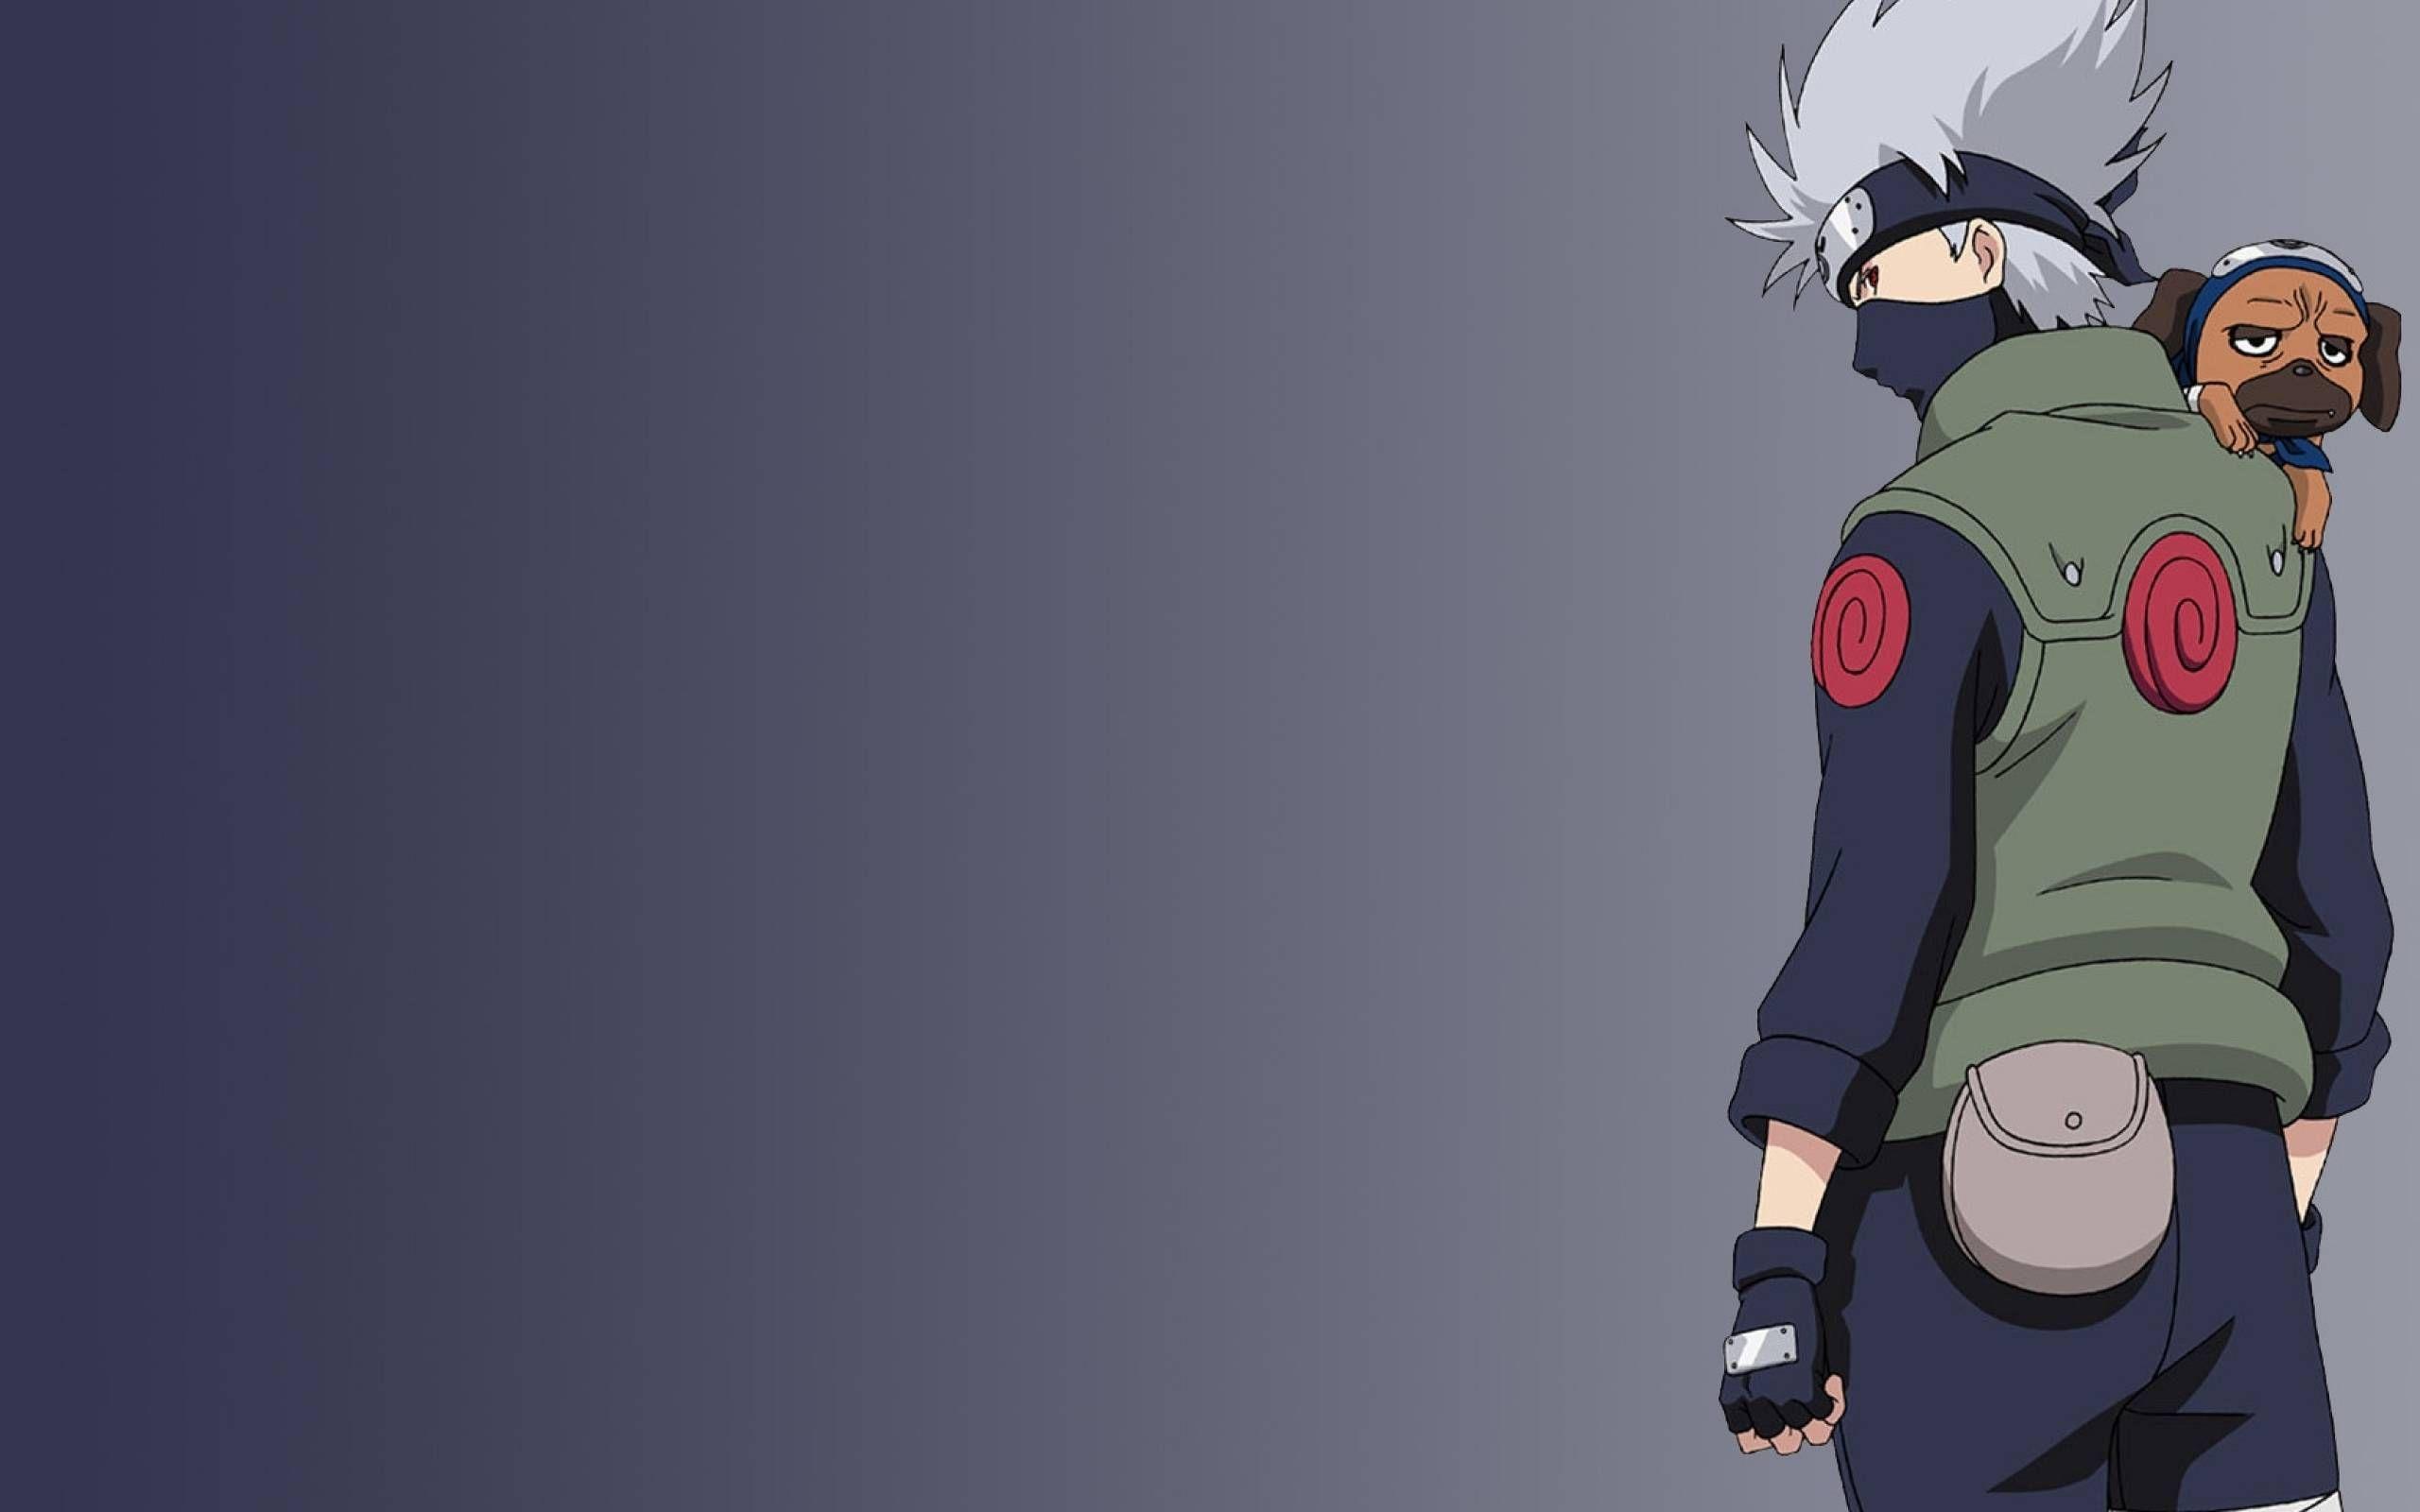 Kakashi Desktop Backgrounds Wallpaper Naruto Shippuden Naruto Wallpaper Samurai Anime